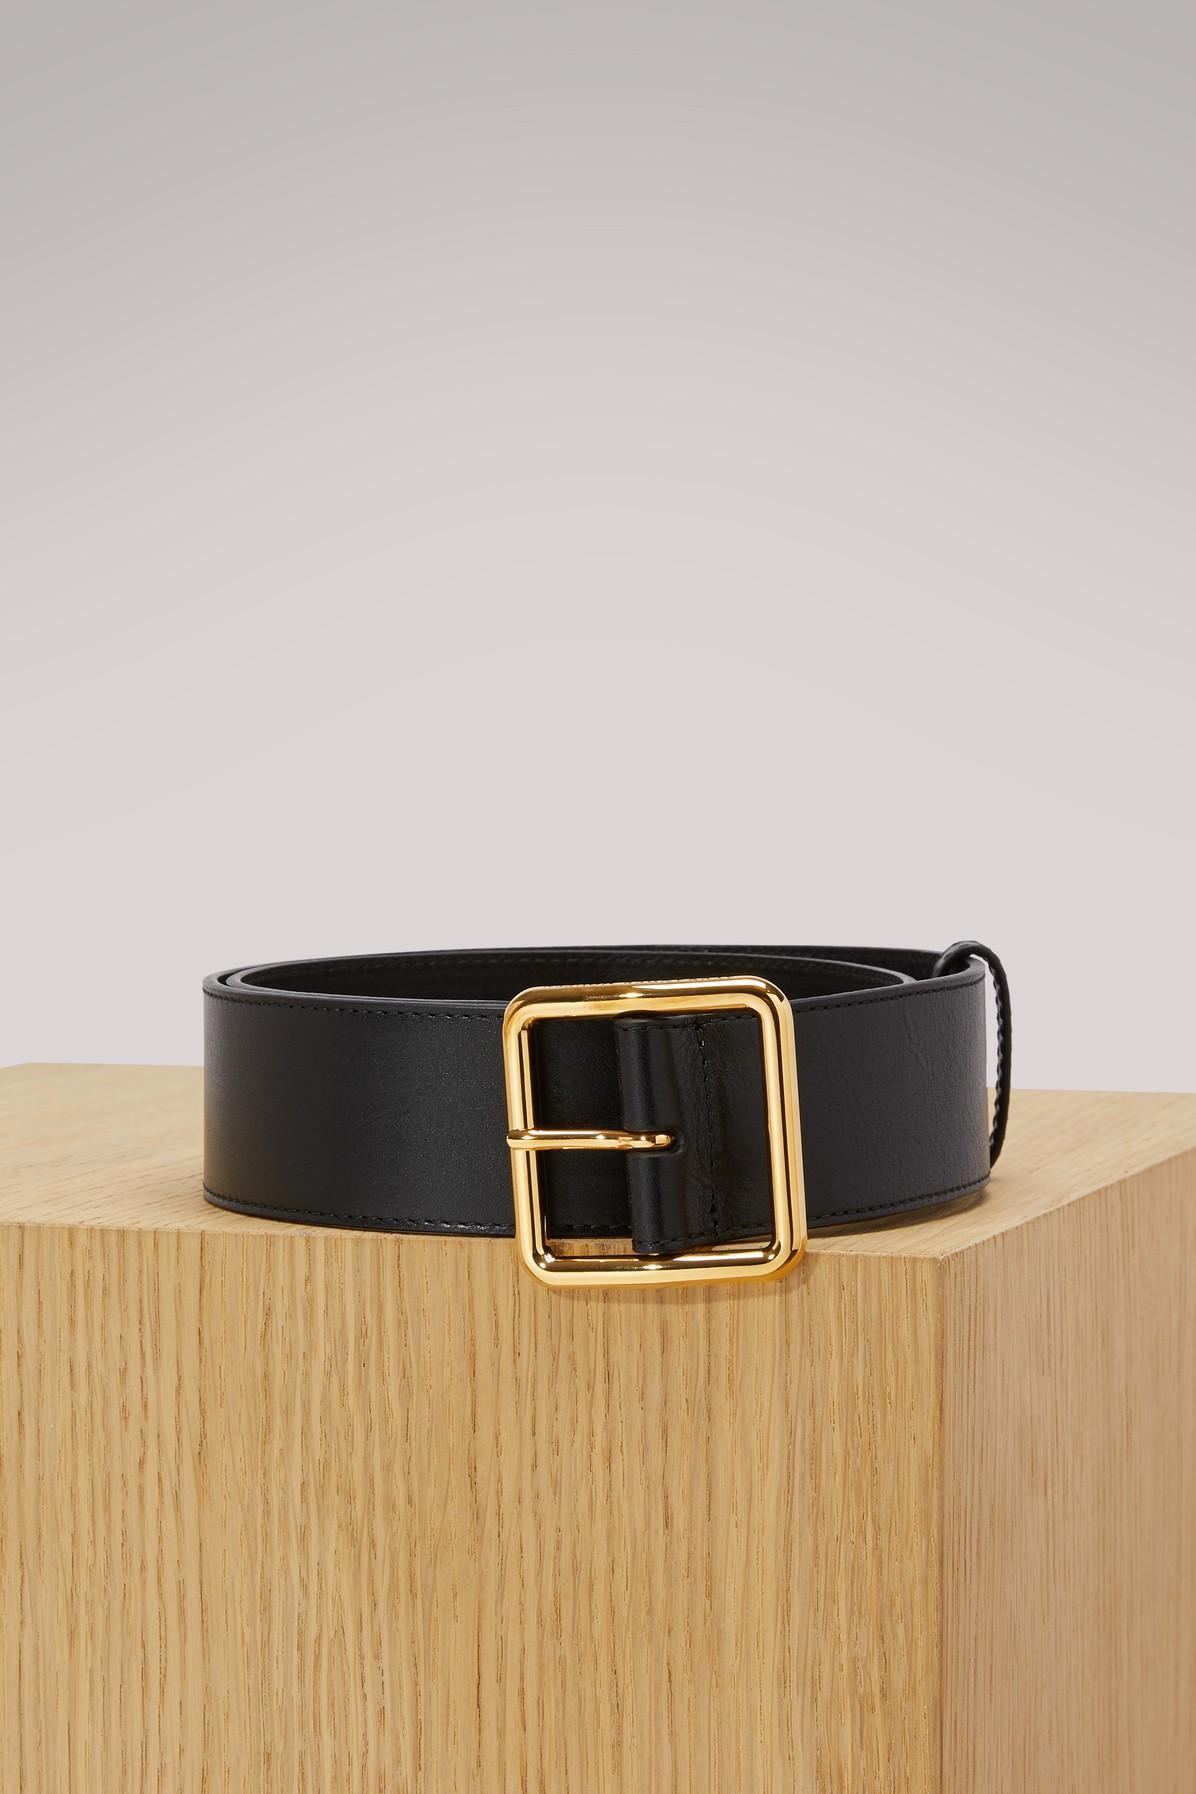 Alexander Mcqueen Leather Belt In 1000 - Black